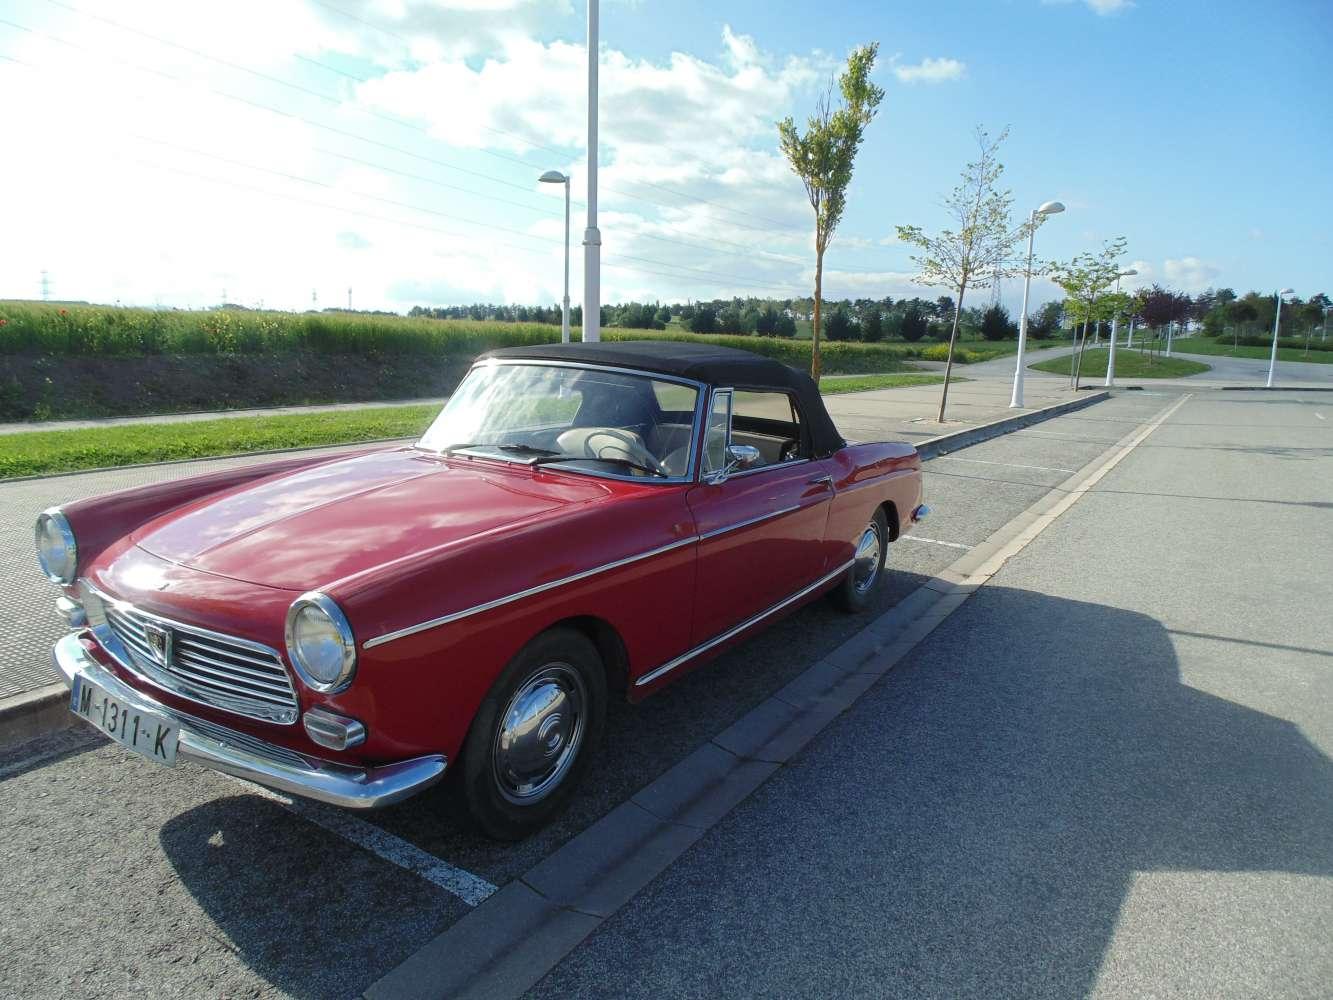 Peugeot 404 Cabriolet 1965